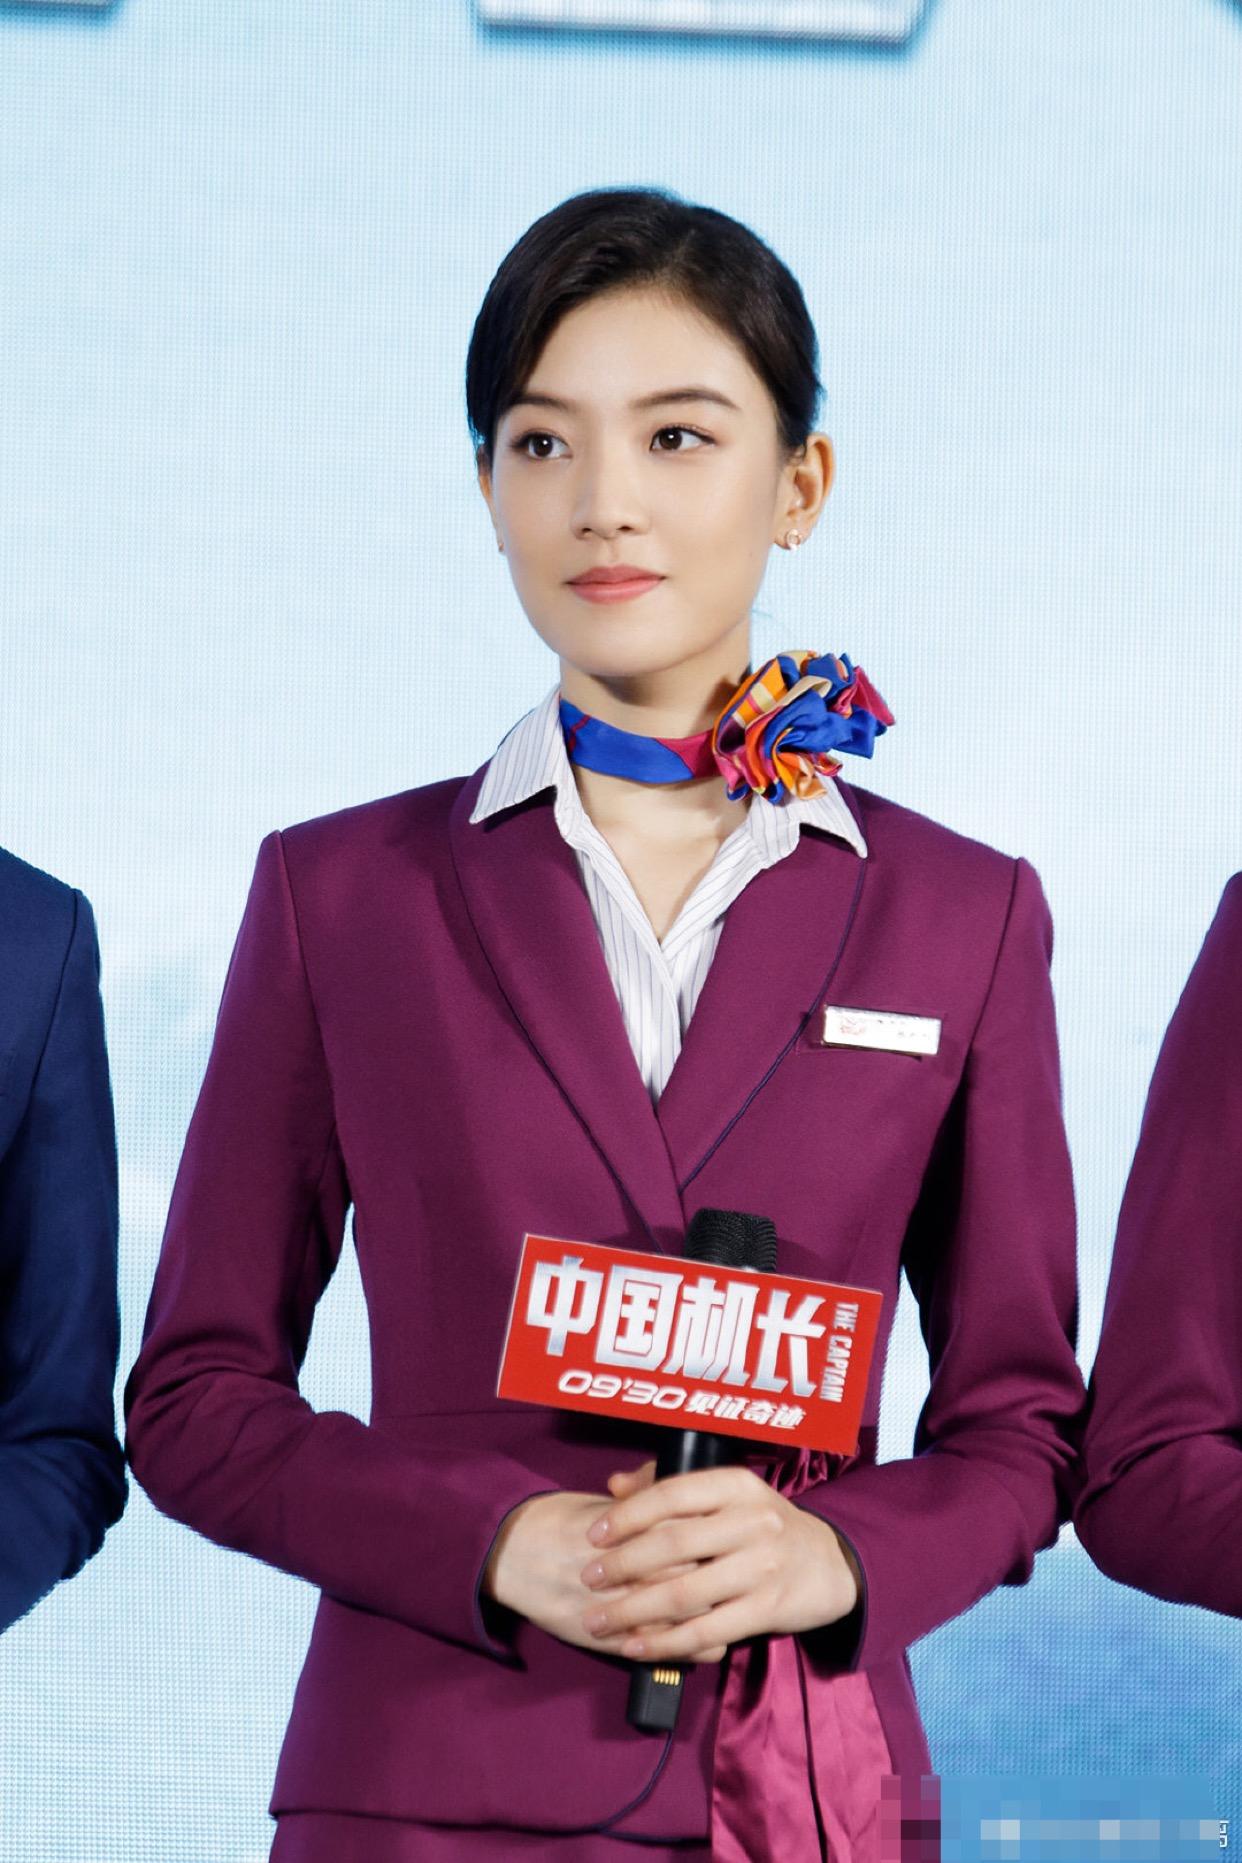 《中国机场长》最美女配不是张天爱,而是一直不太红的她插图(11)